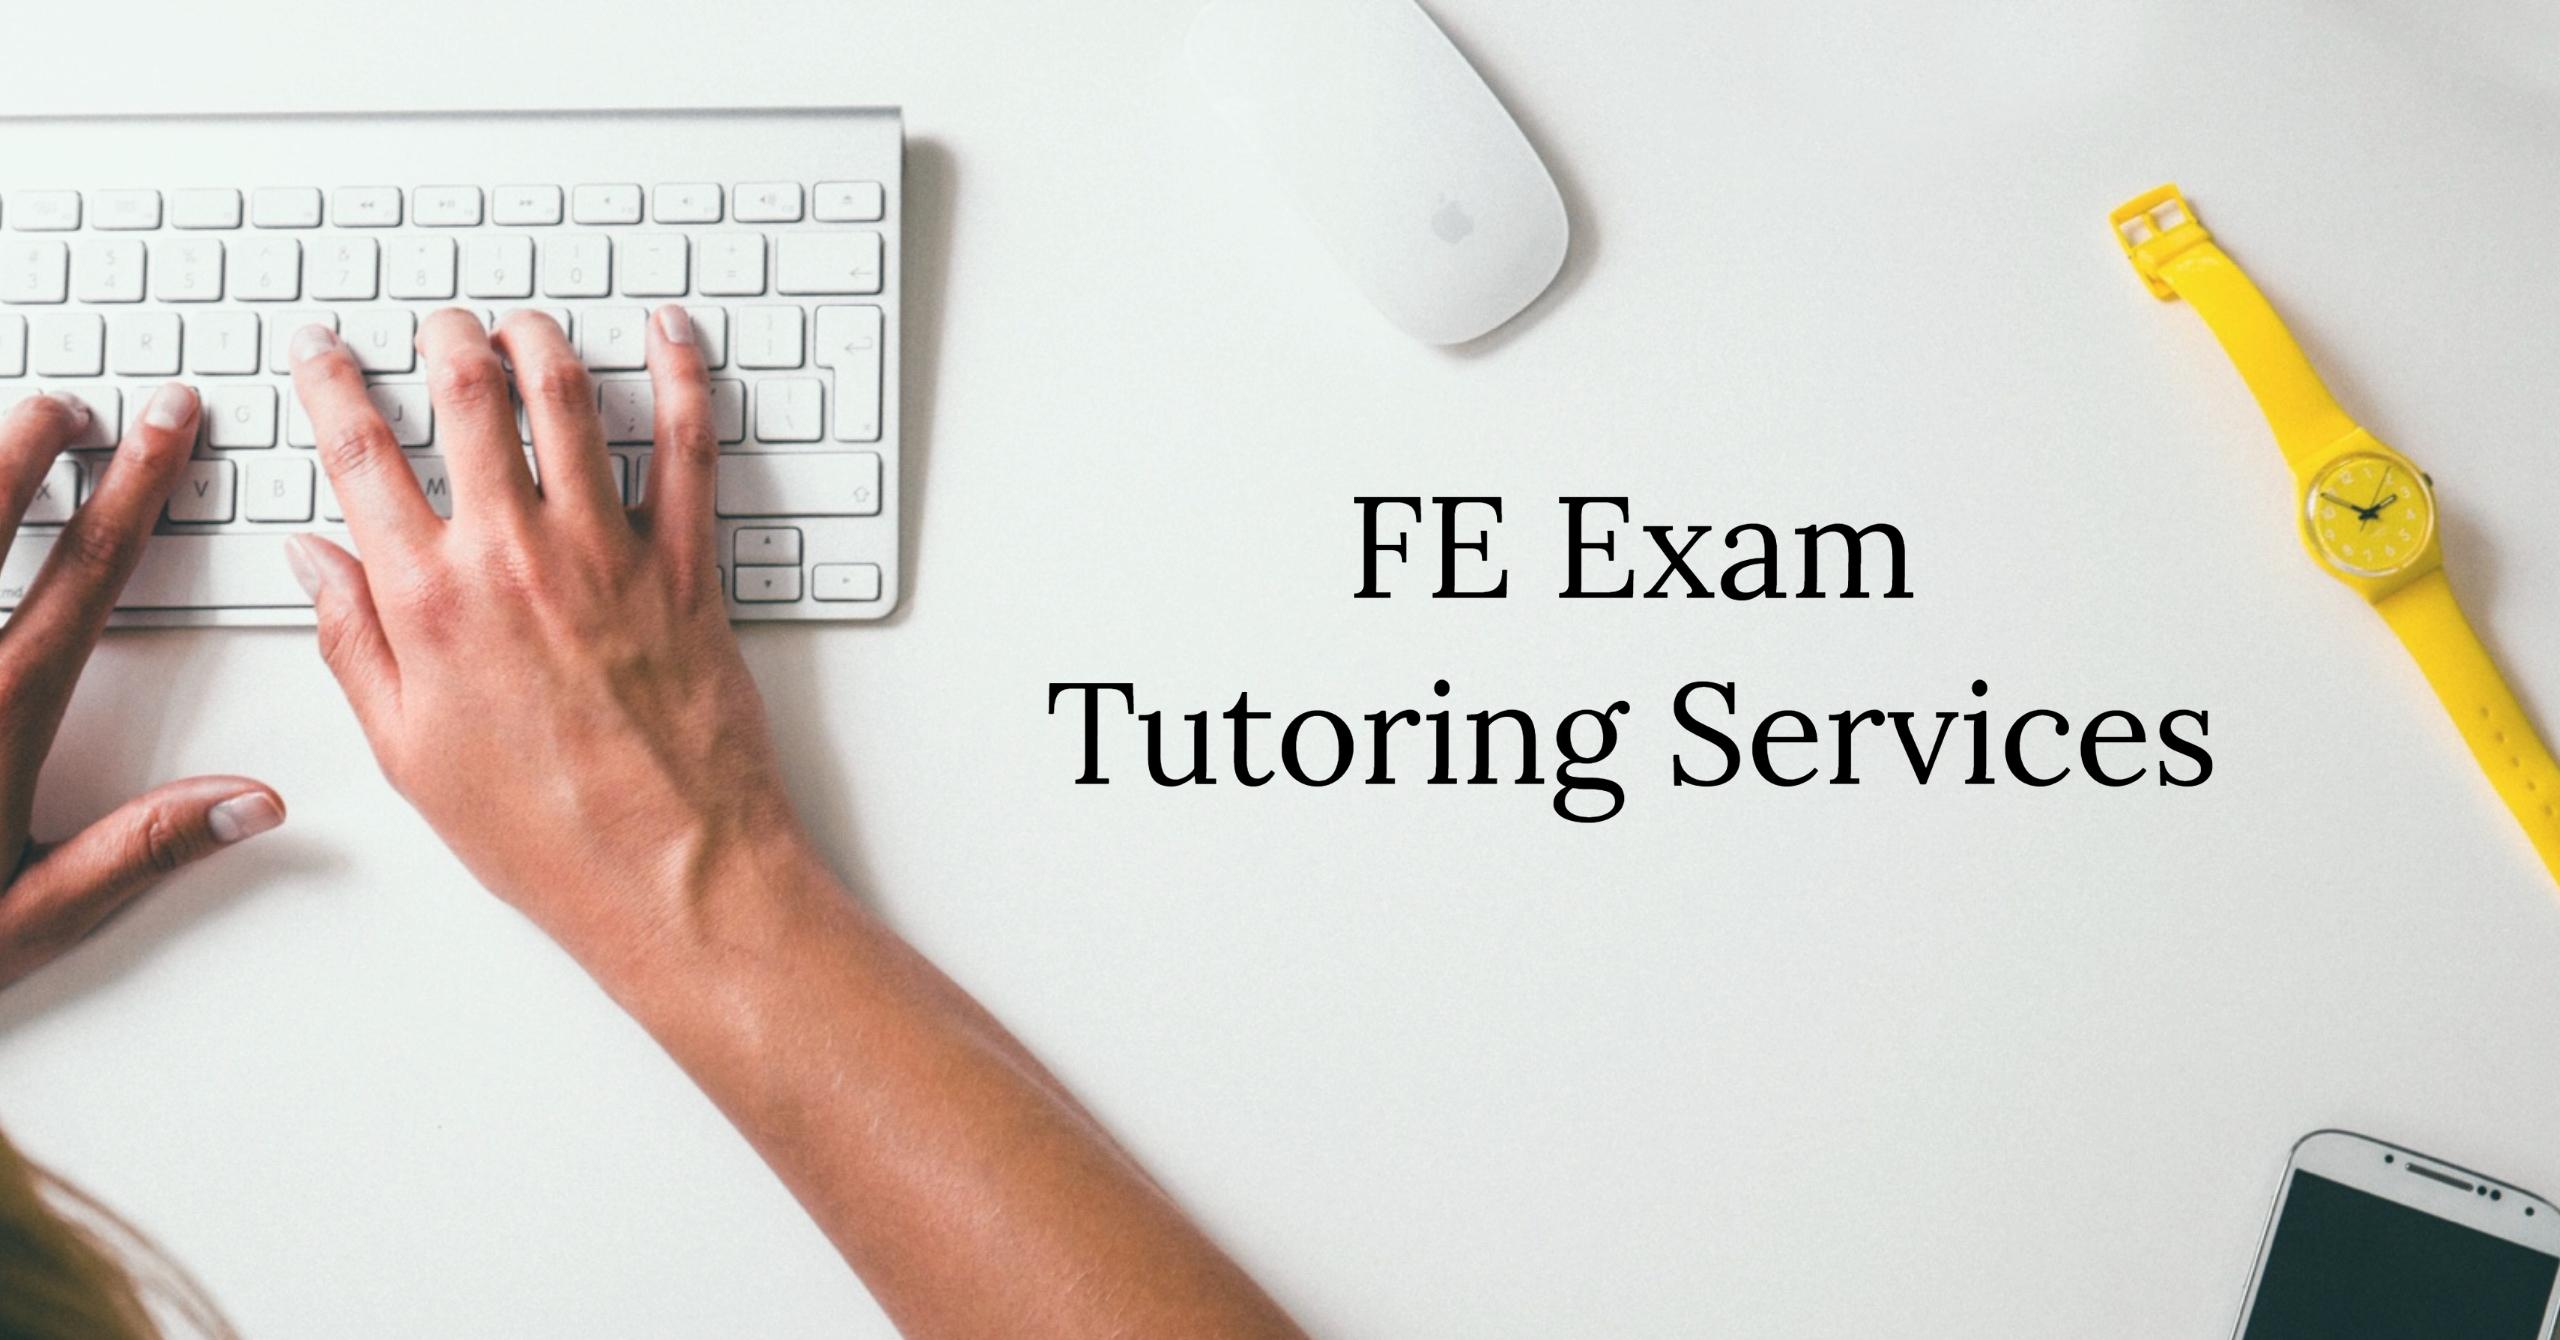 fe exam tutoring